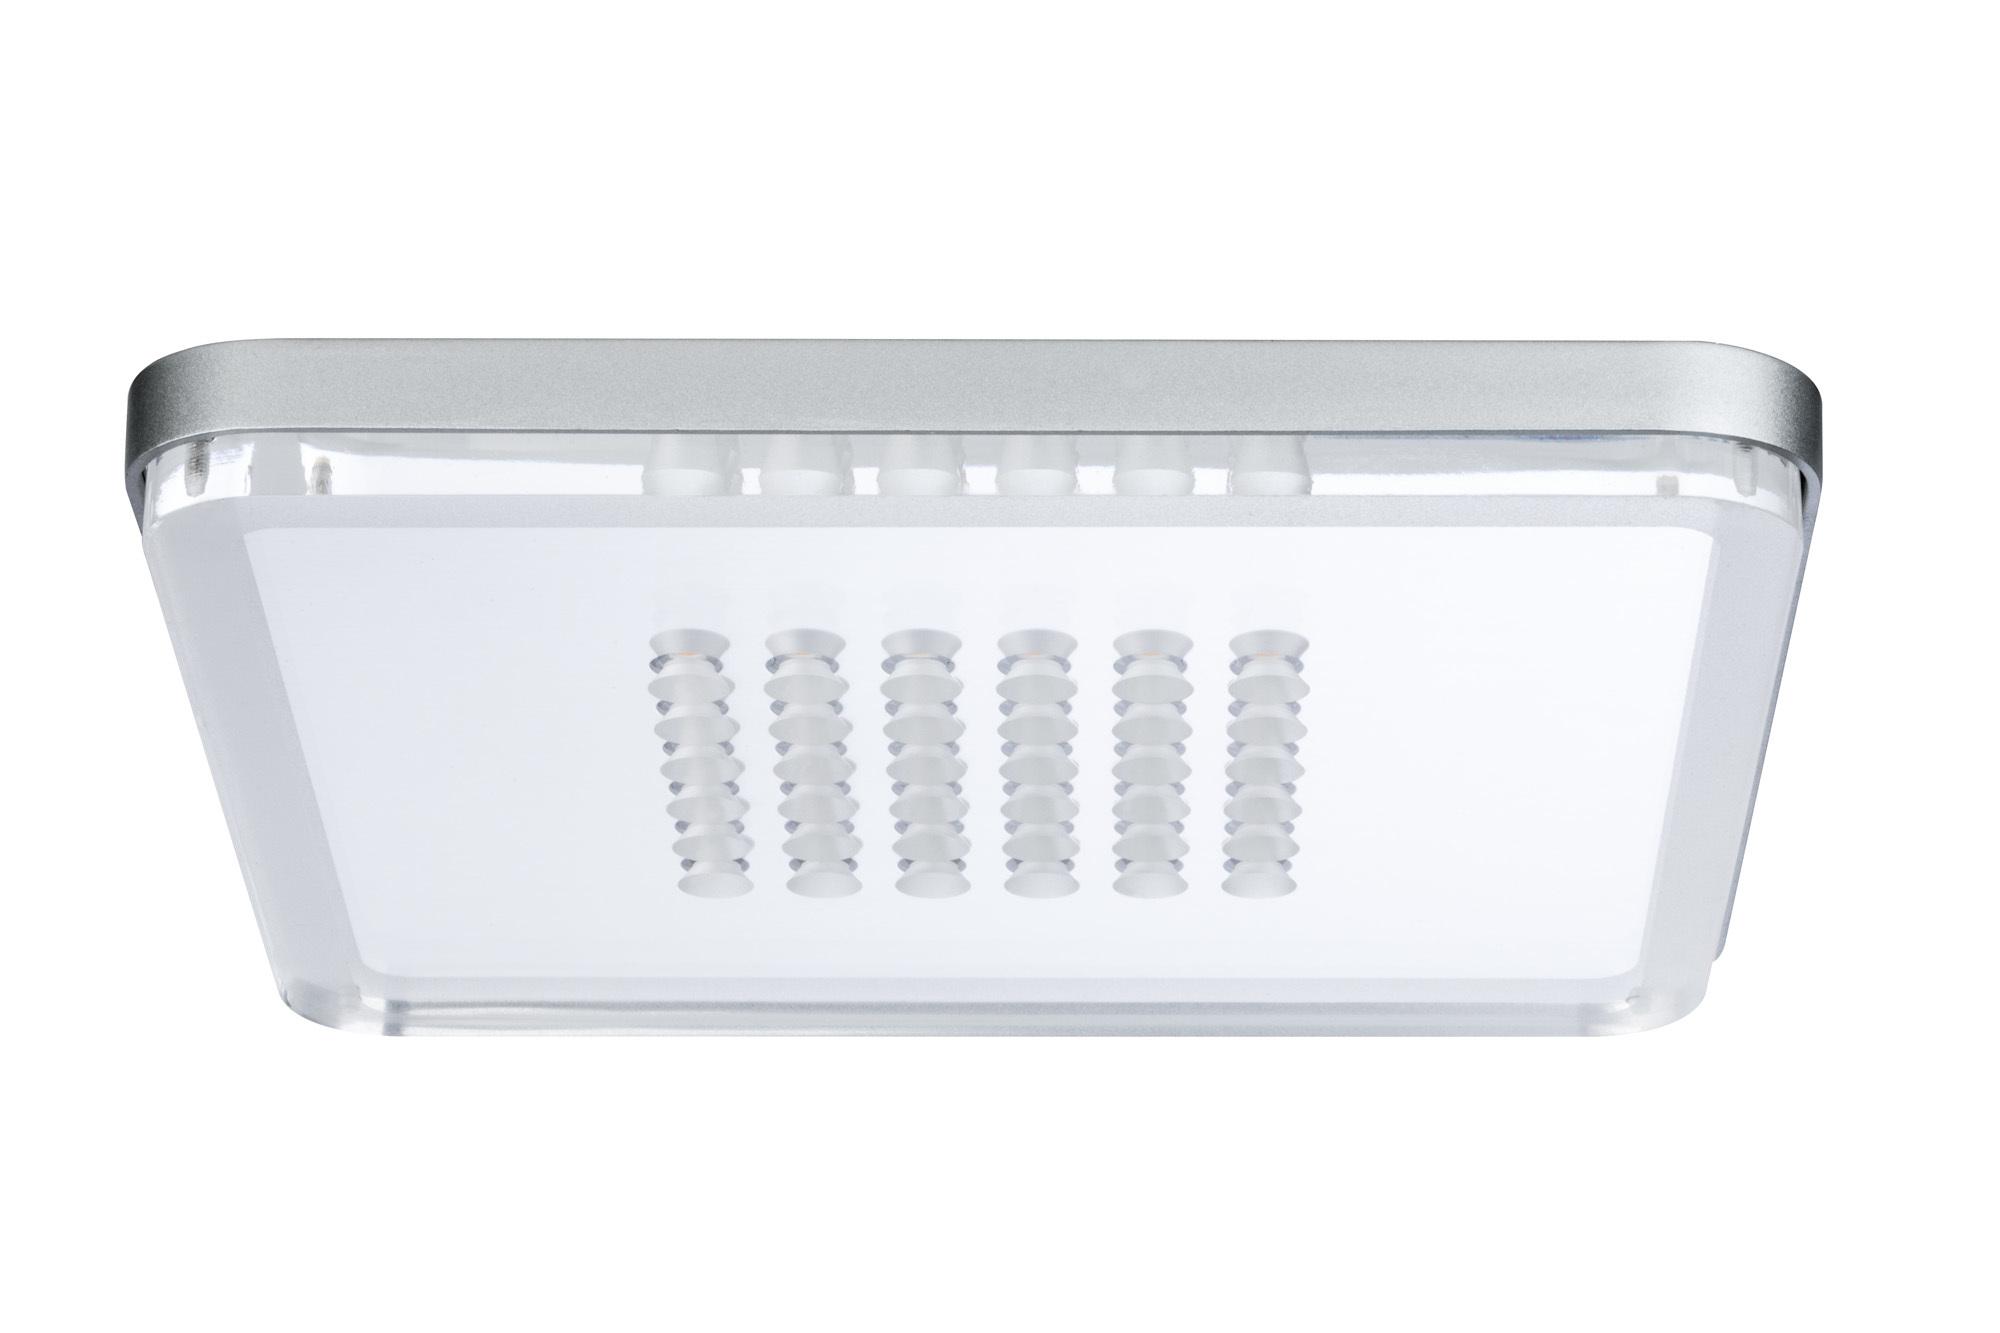 Встраиваемый светодиодный светильник Paulmann Premium EBL Panel Shower LED 92791, LED 10W, матовый хром, металл с пластиком - фото 2